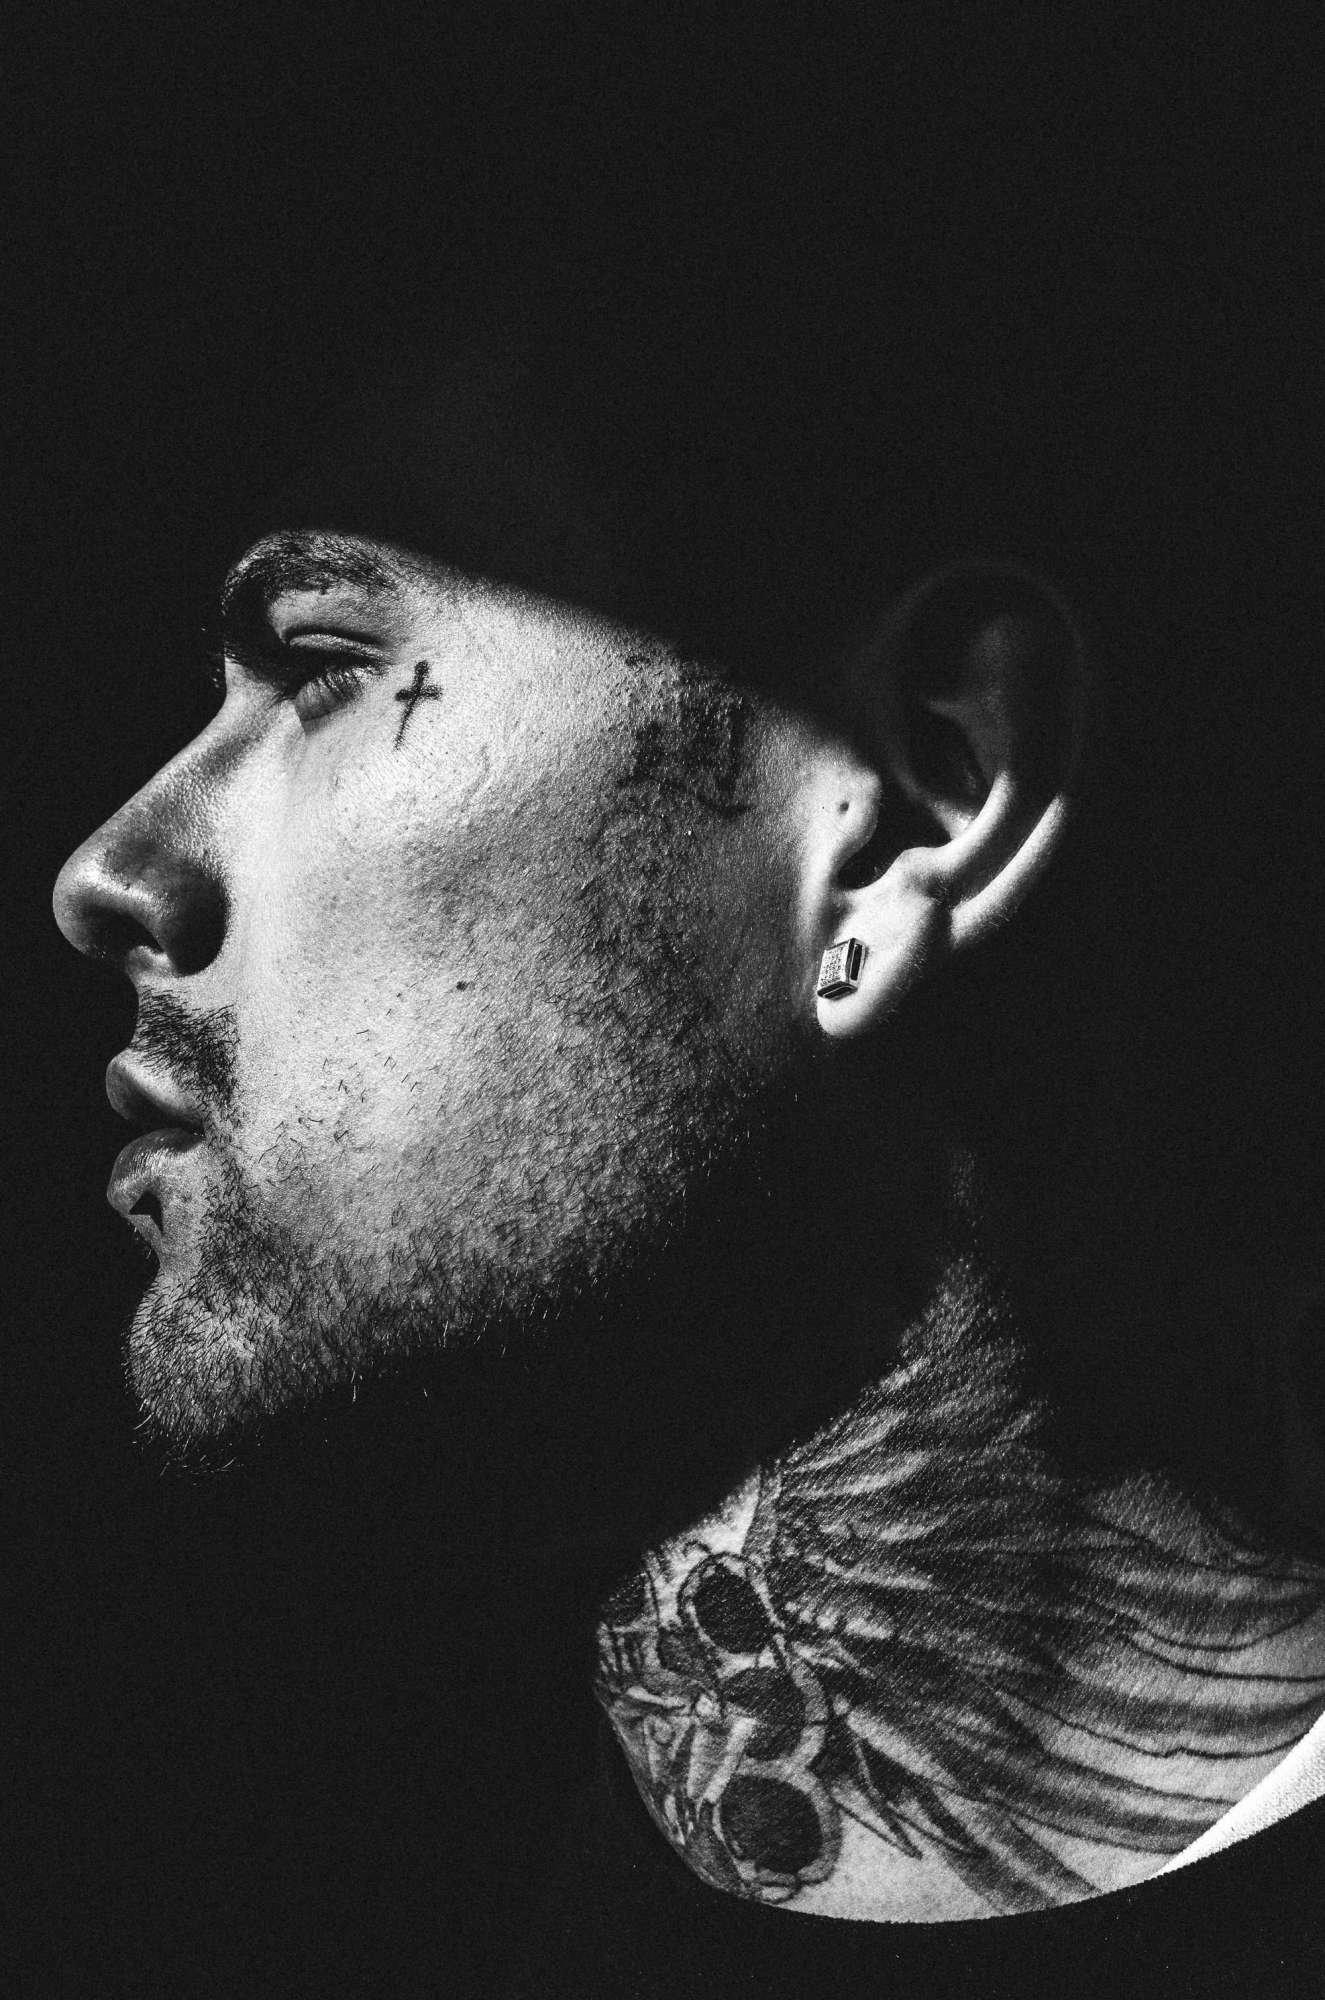 Side tattoo face. Downtown LA, 2015 Ricoh gr ii